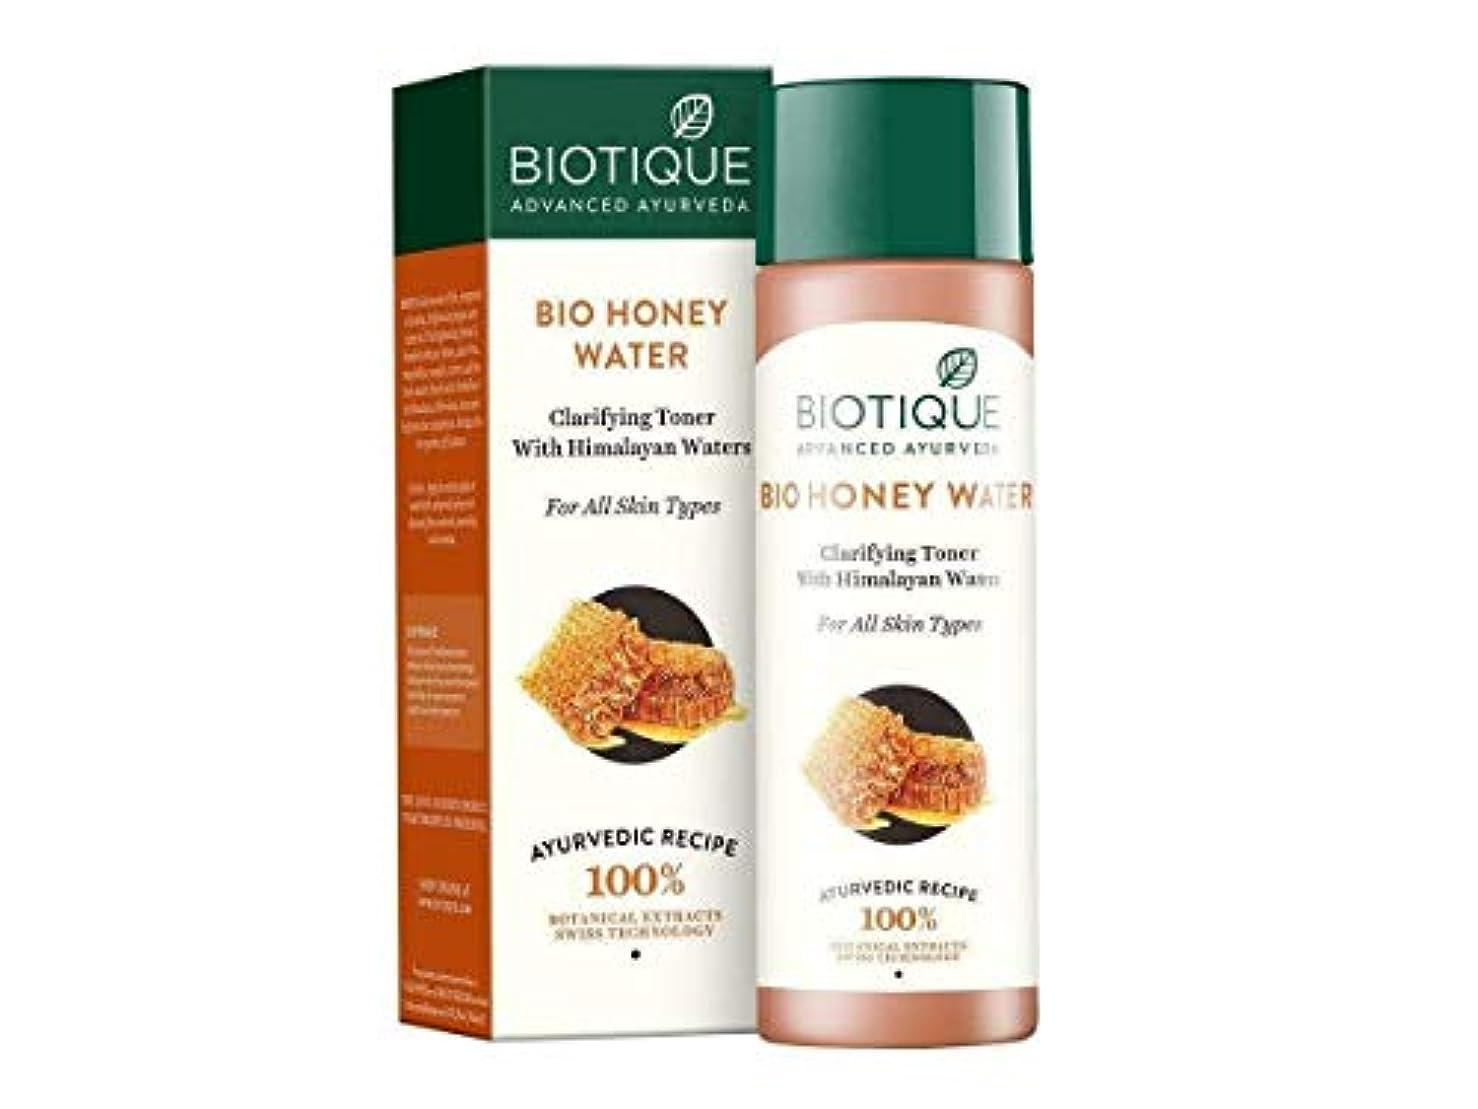 公式コーデリア高潔なBiotique Bio Honey Water Clarifying Toner, 120ml Brings skin perfect pH balance Biotiqueバイオハニーウォータークラリファニングトナー...